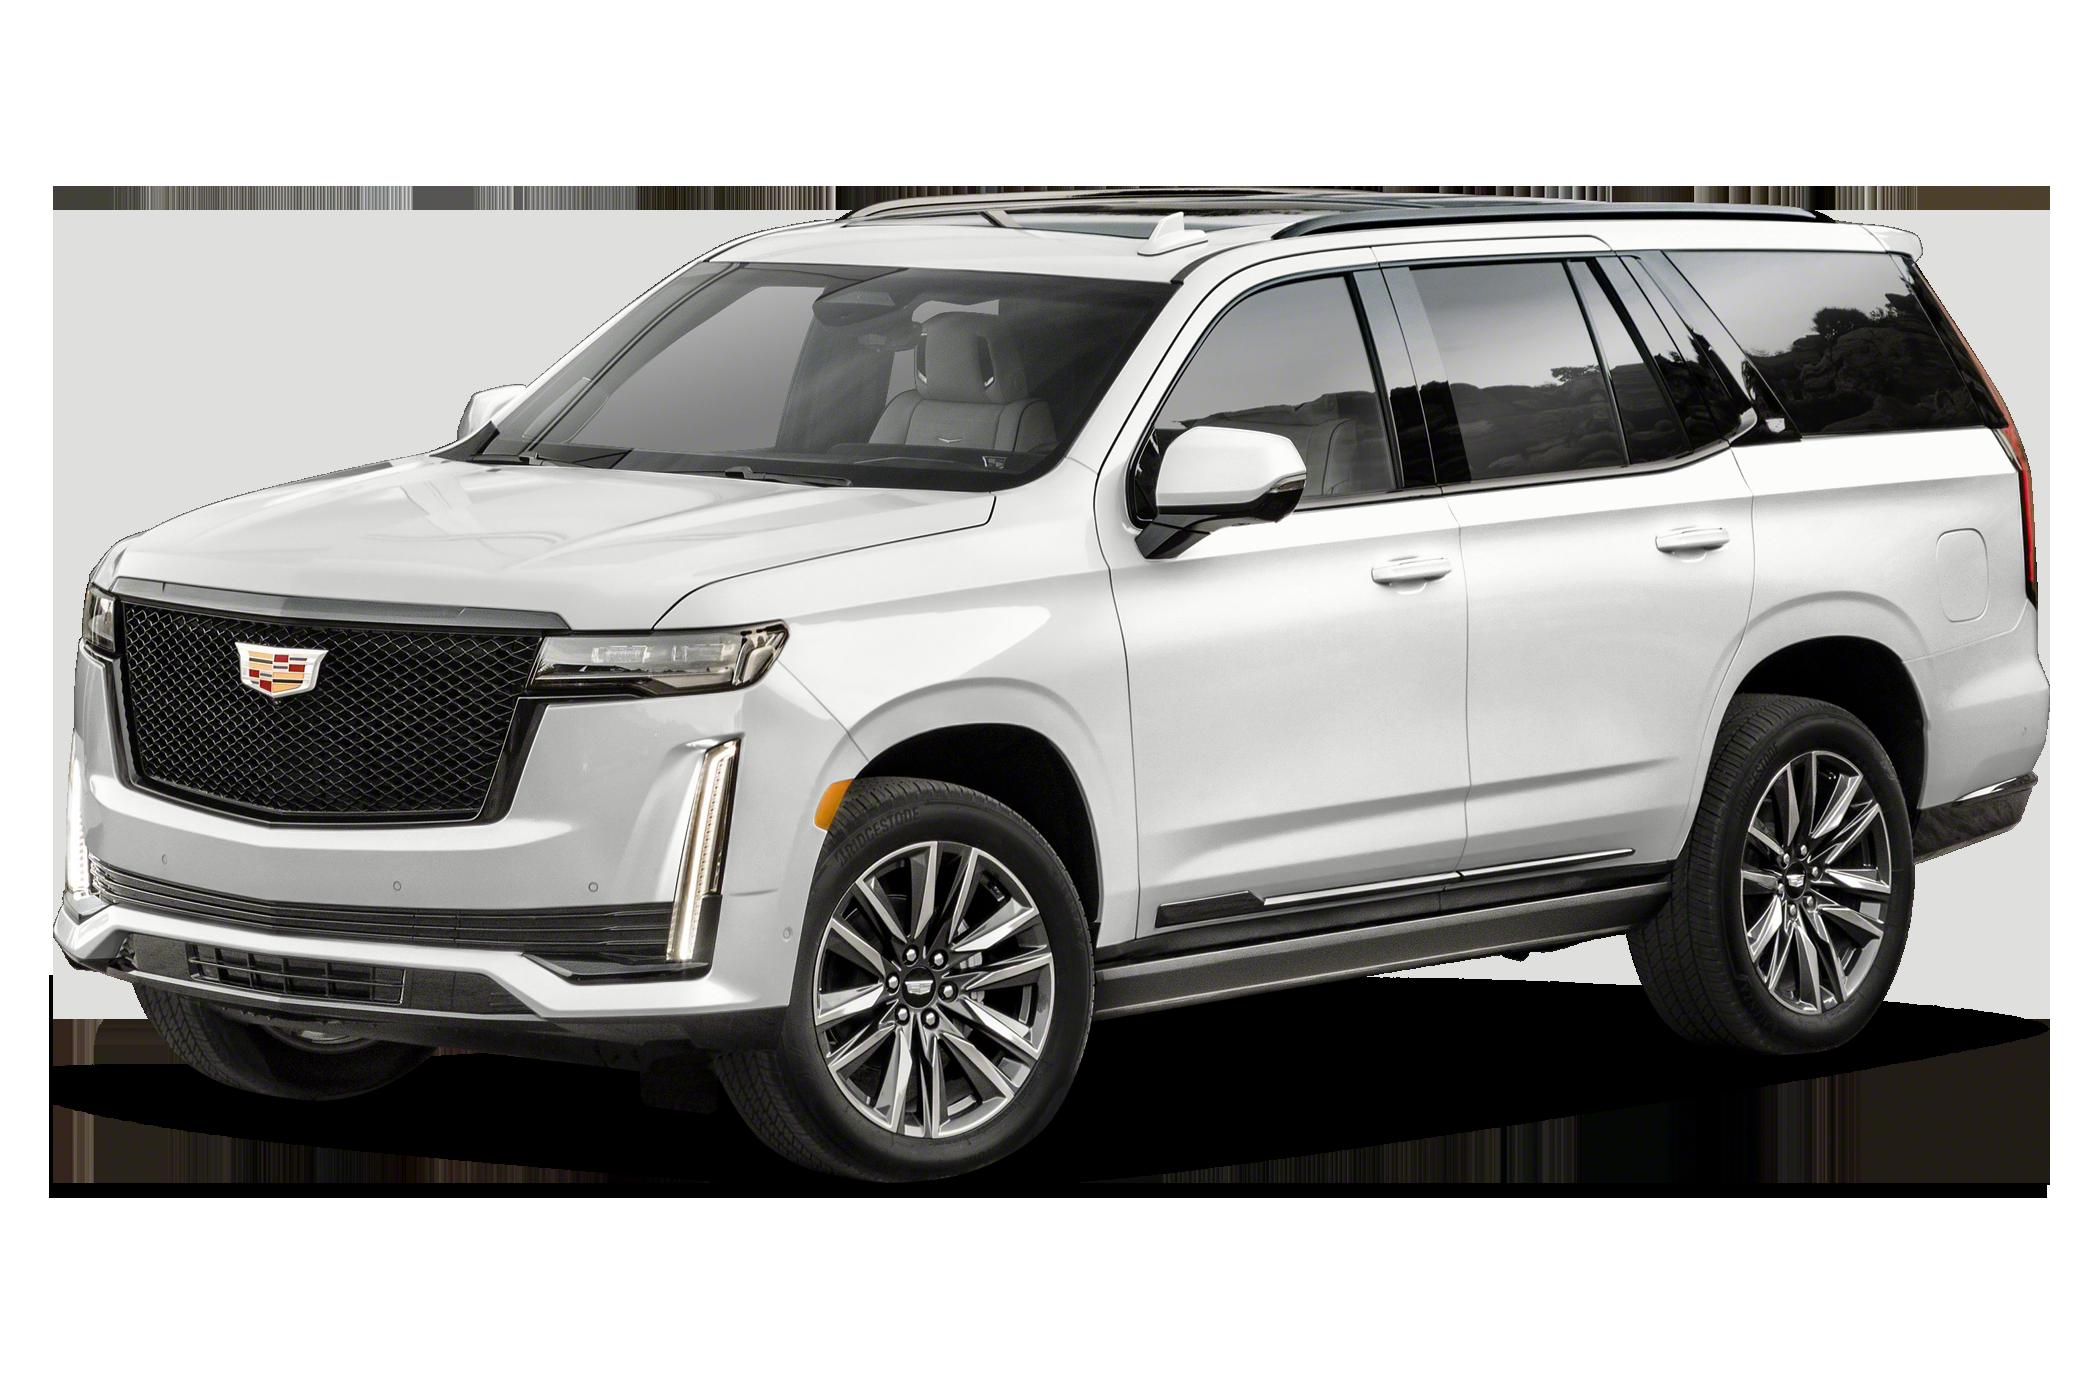 2021 Cadillac Escalade - View Specs, Prices & Photos ...